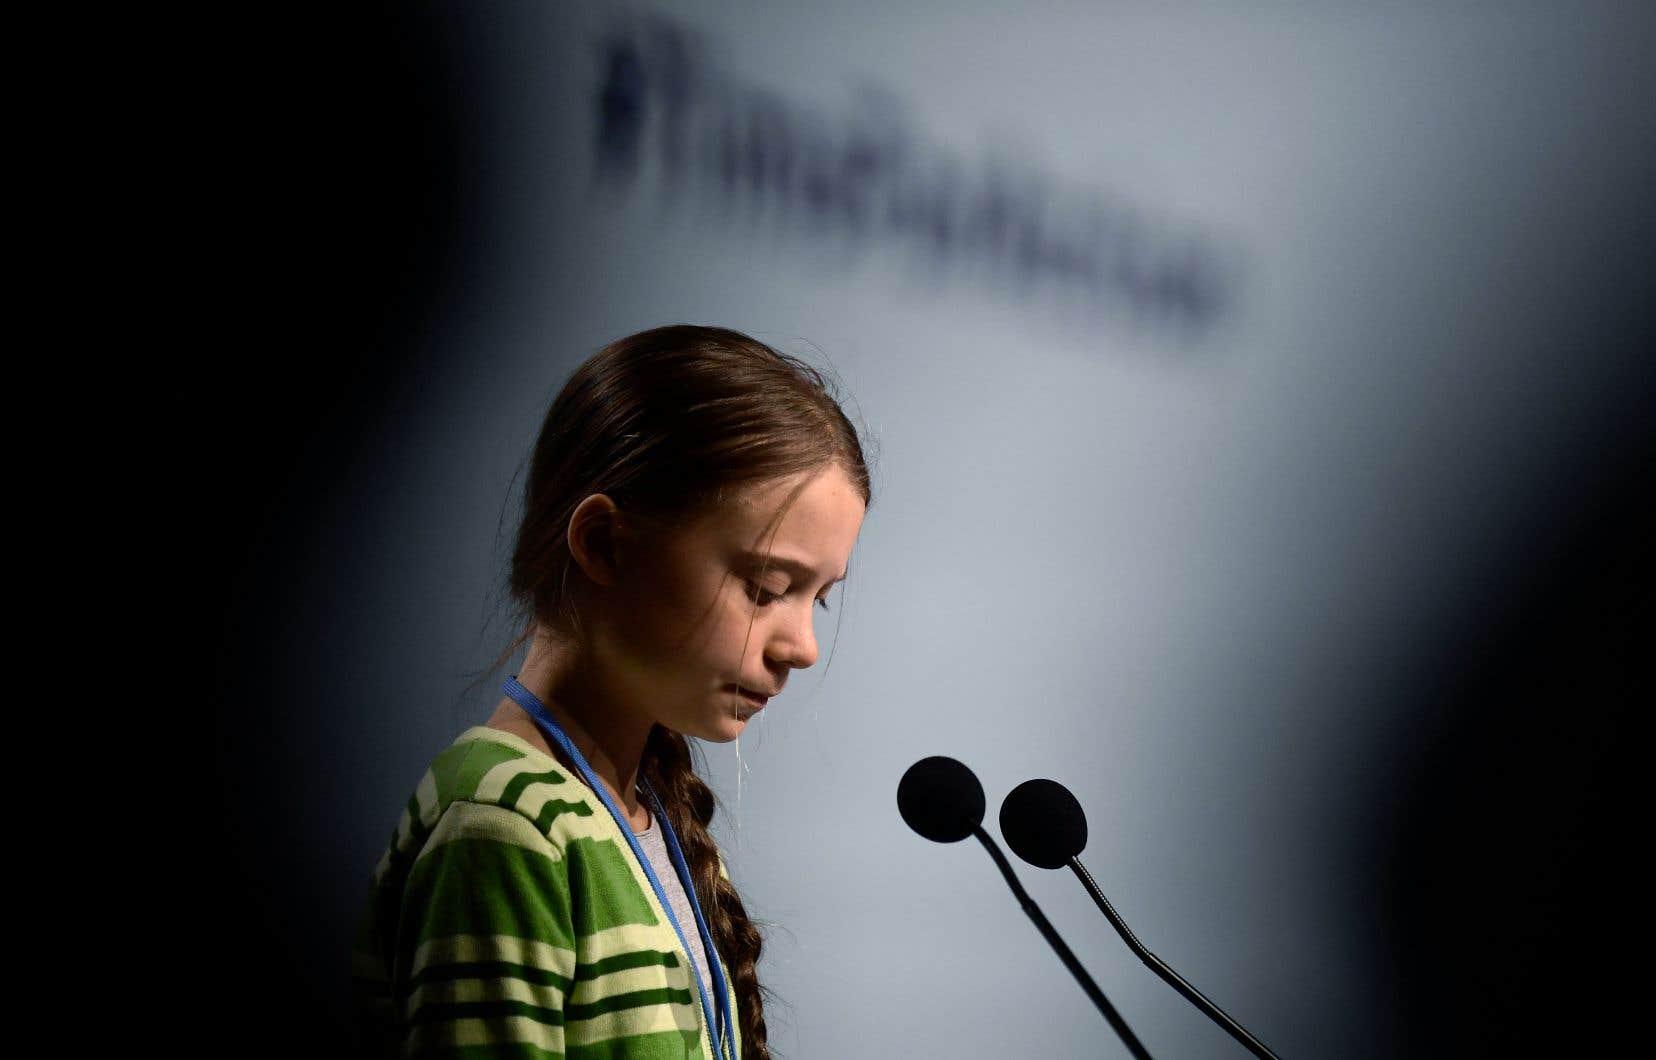 Greta Thunberg est devenue le symbole d'un mouvement croissant de jeunes militants du climat après avoir mené des grèves scolaires hebdomadaires en Suède qui ont inspiré des actions similaires dans une centaine de villes du monde.